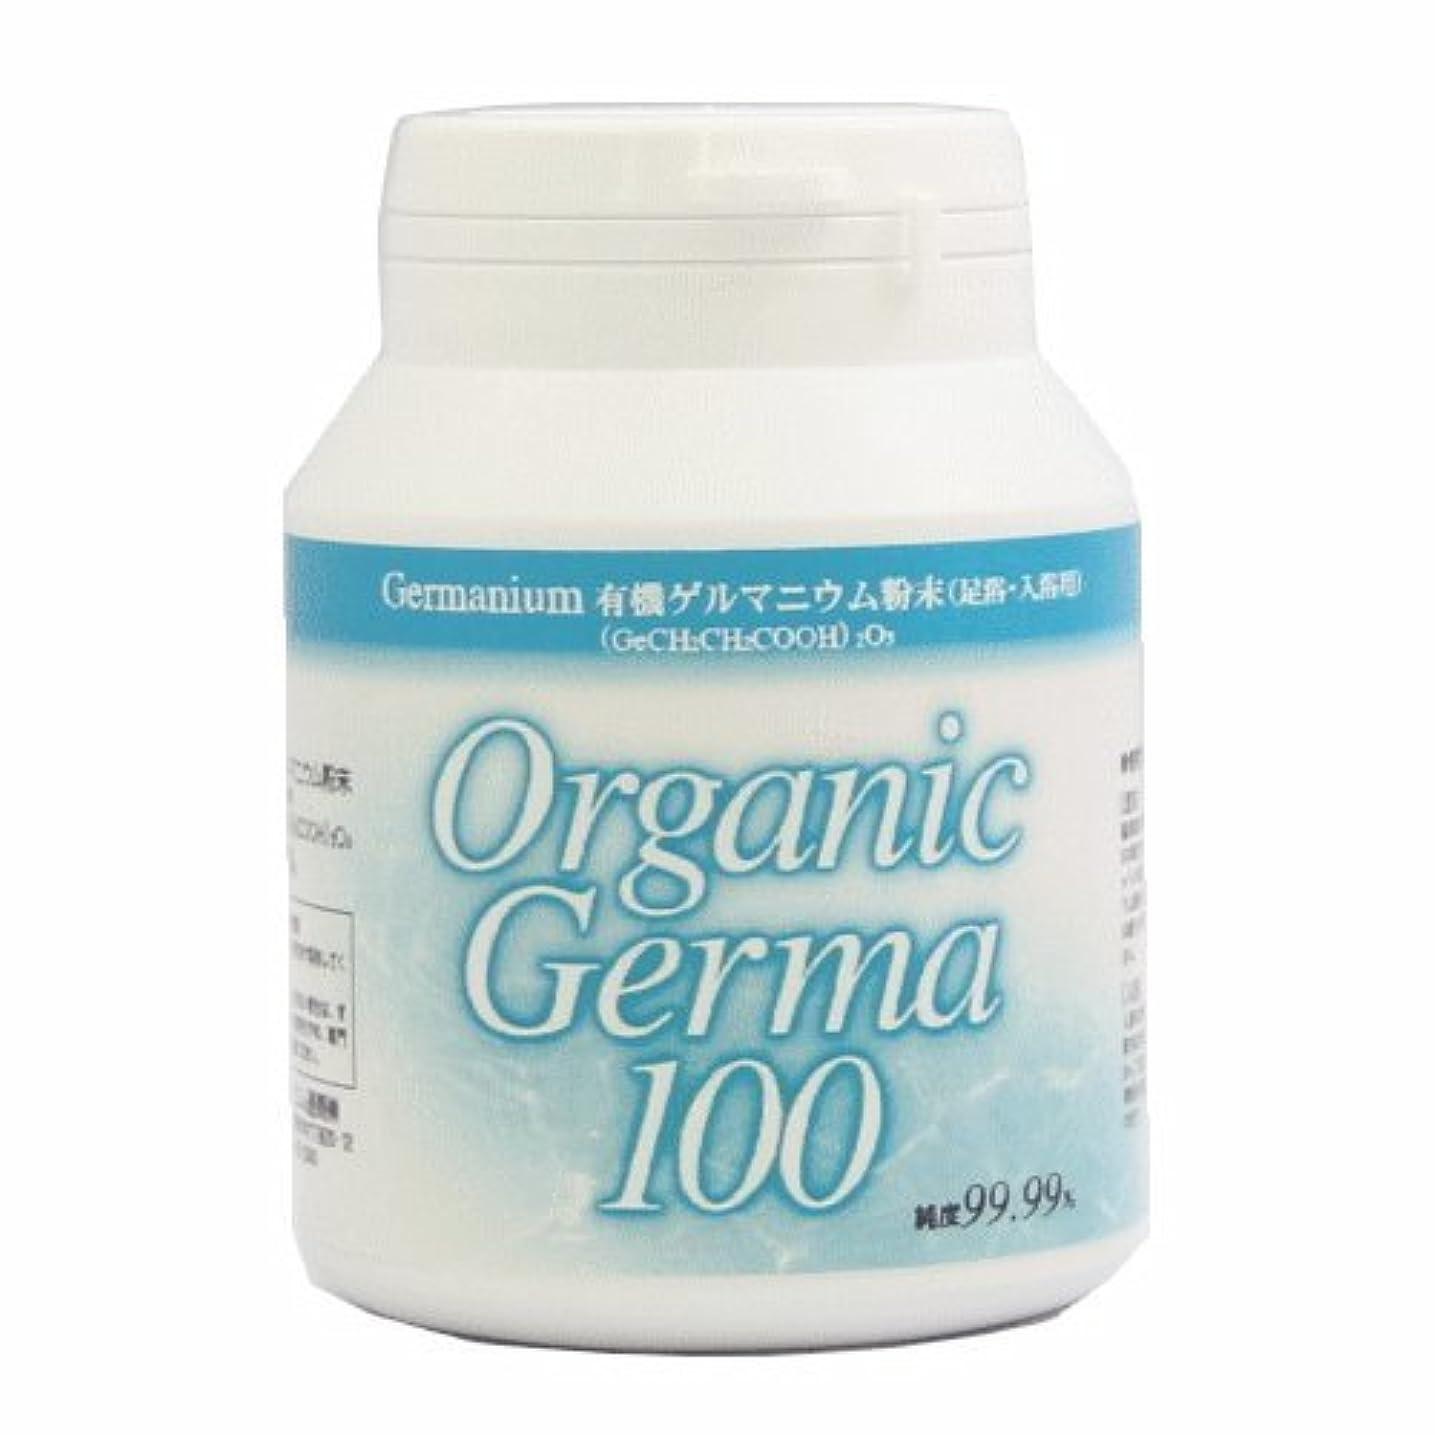 勇気グループ開梱【有機 ゲルマニウム 粉末 100g (Ge-132) 99.99% 温浴用】 ゲルマ パウダー